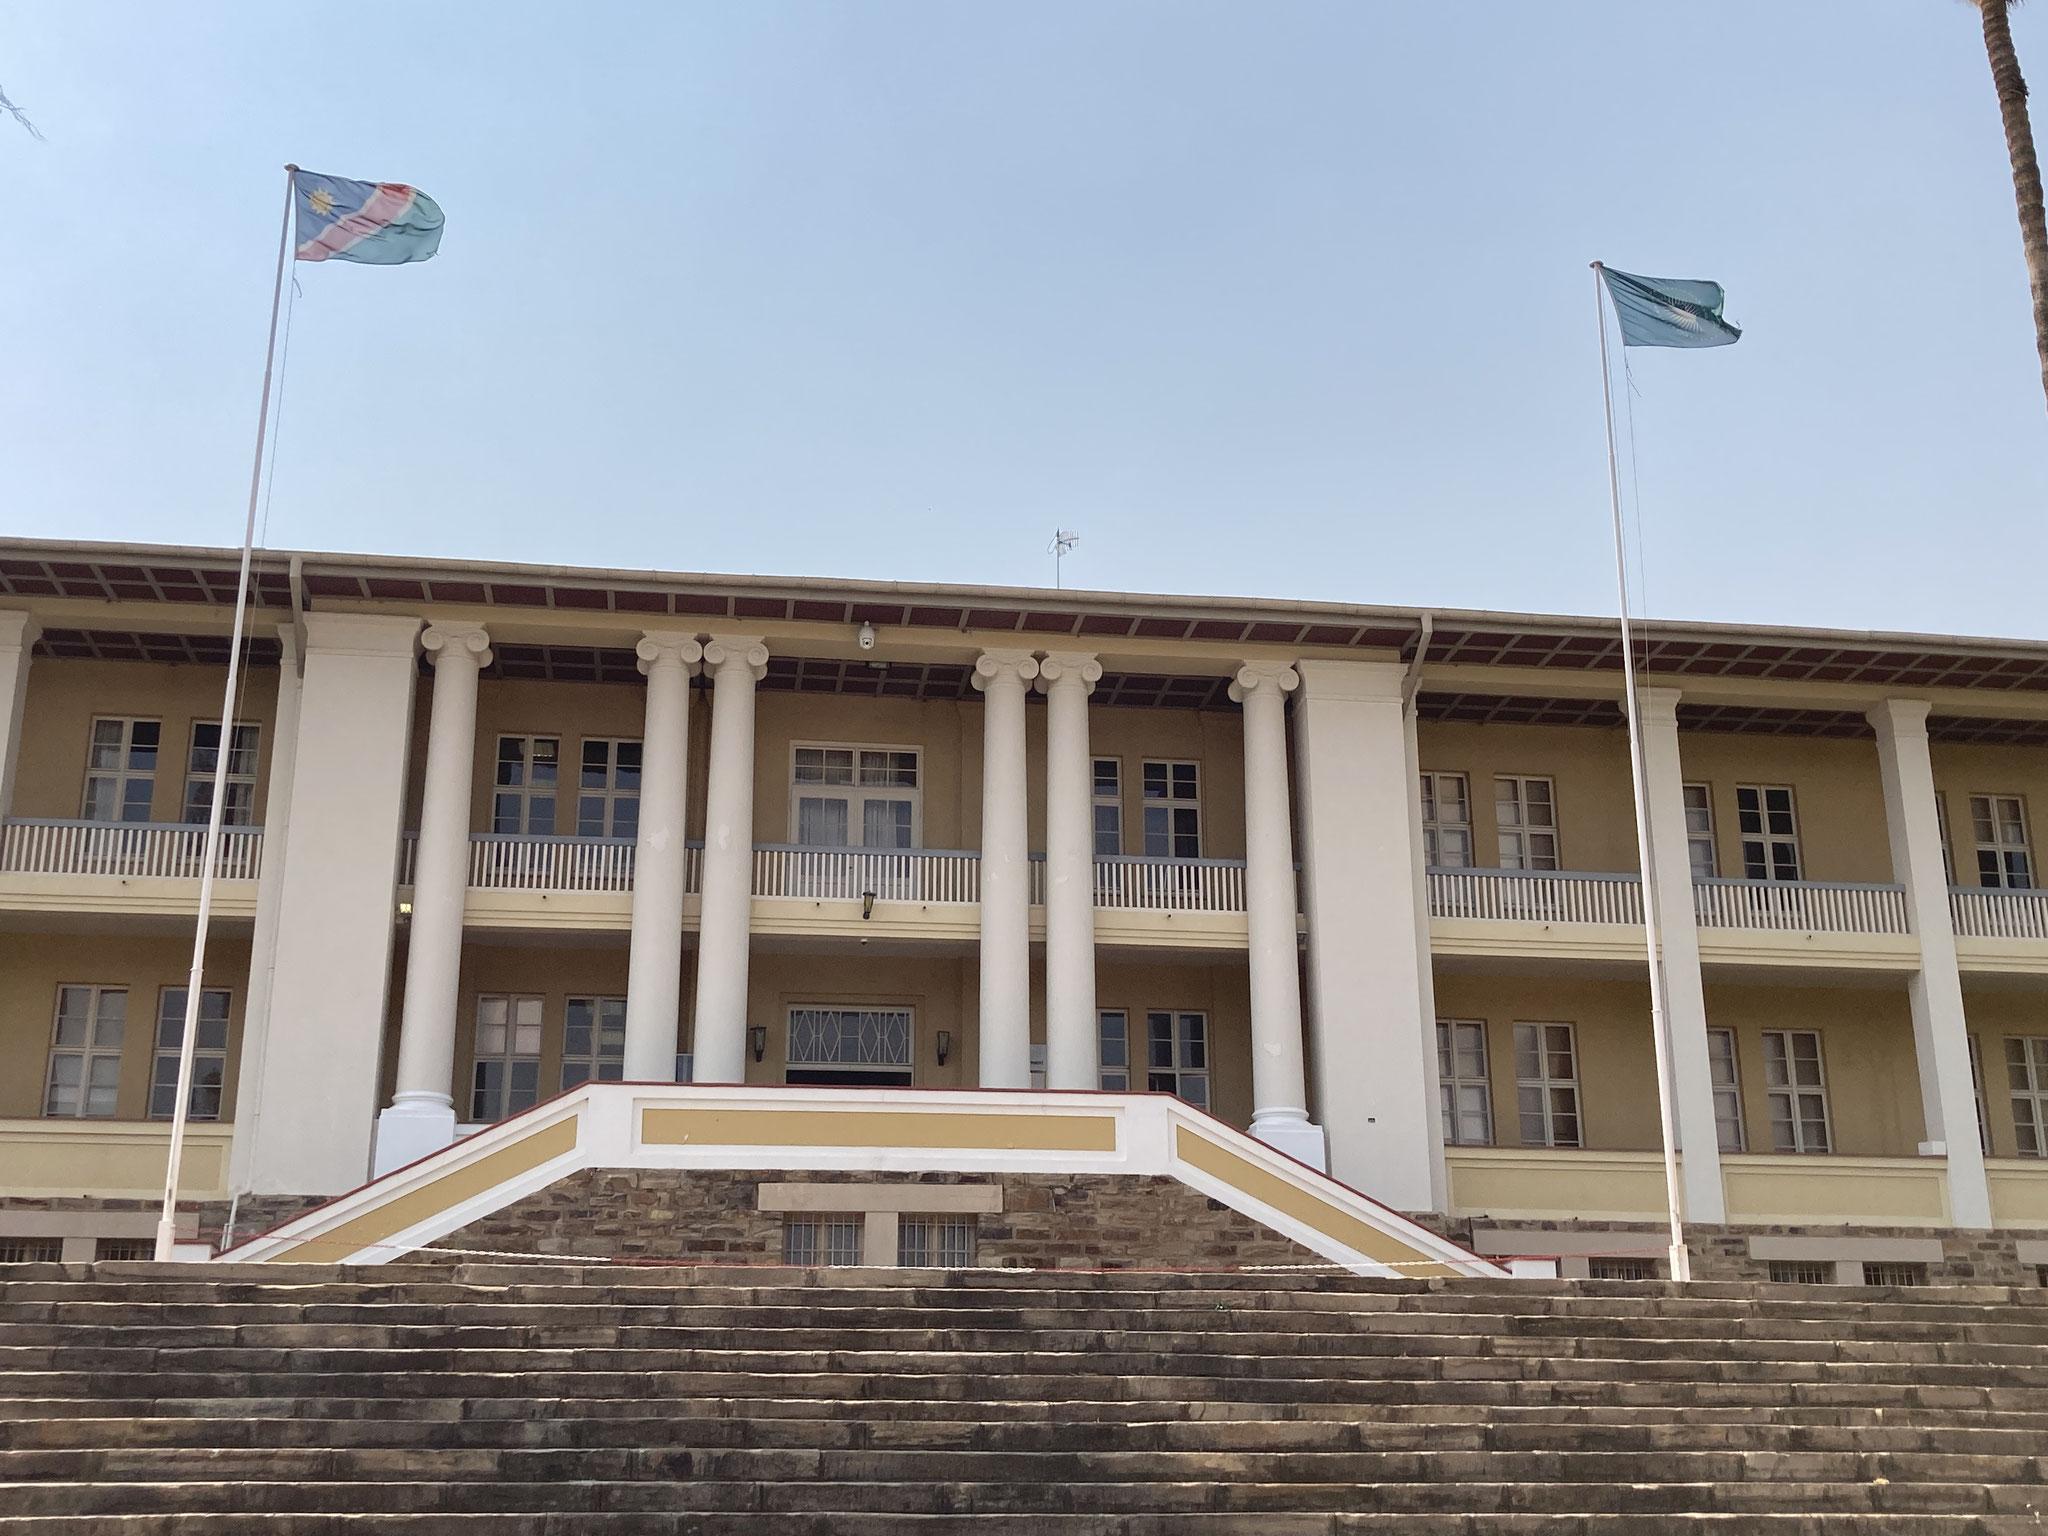 Tintenpalast (Parlamentsgebäude)